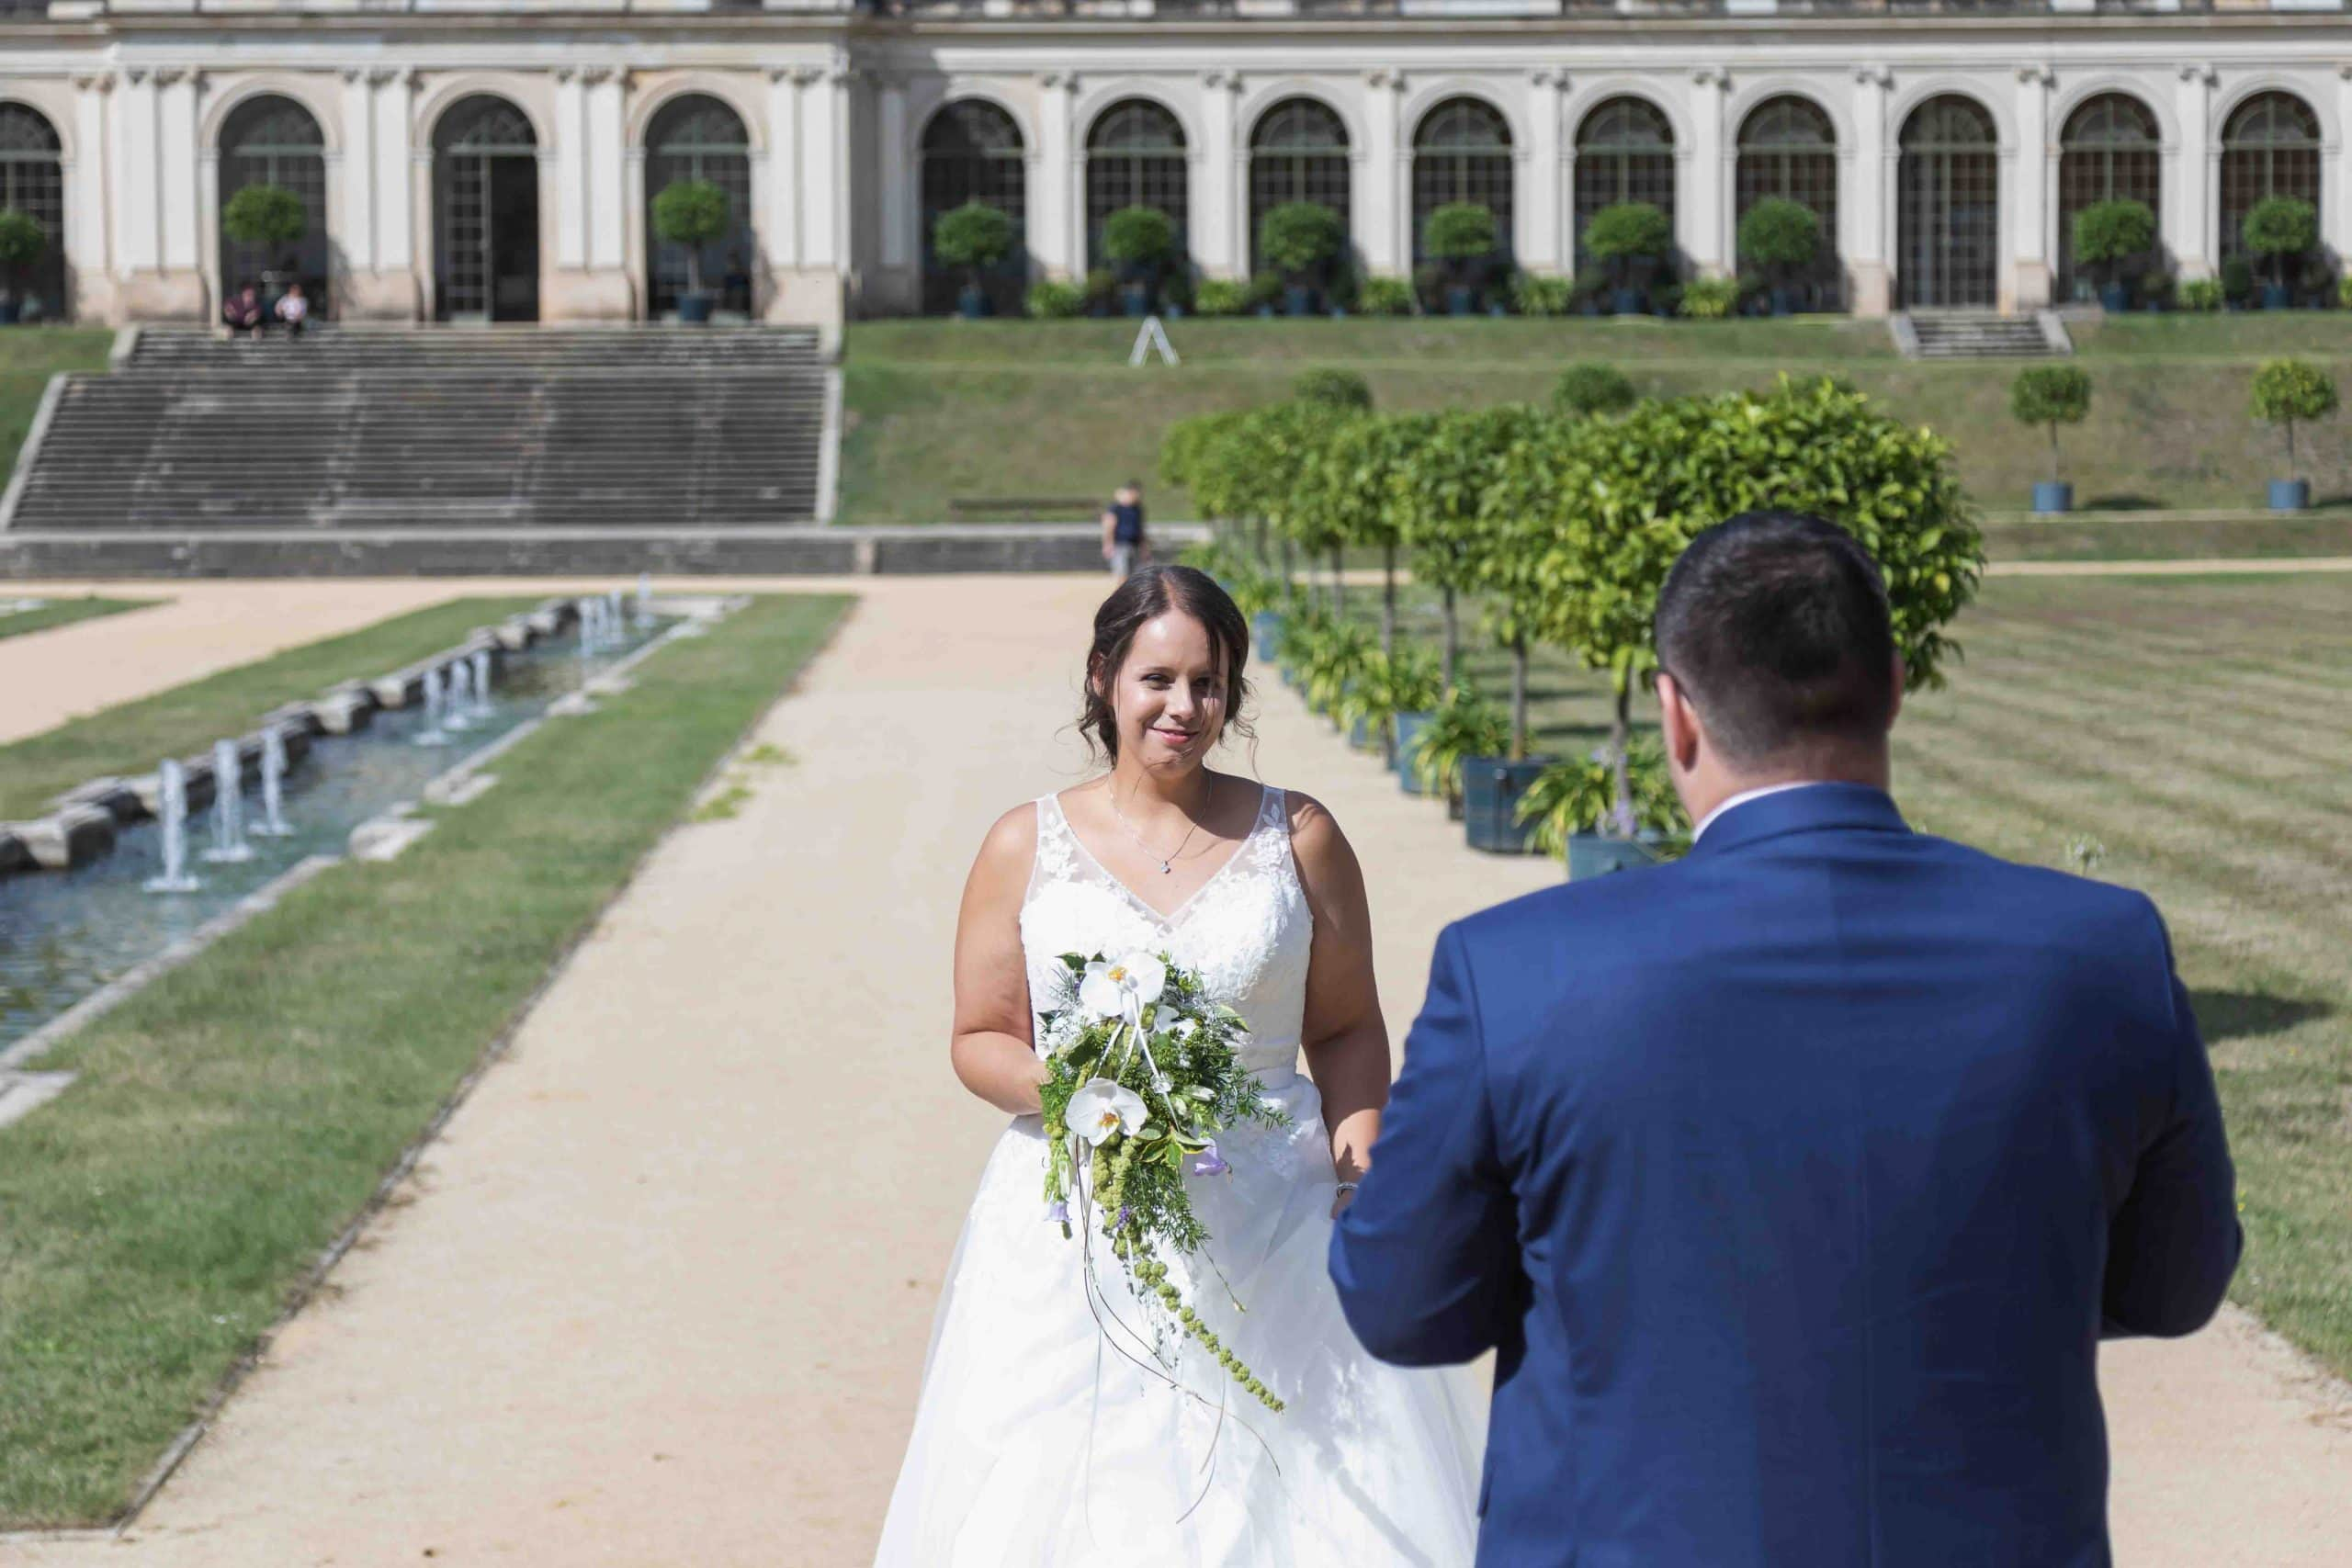 dresden-hochzeit-dresden-hochzeit-heiraten-dresden-fotograf-dresden-hochzeit-reportage-hochzeit